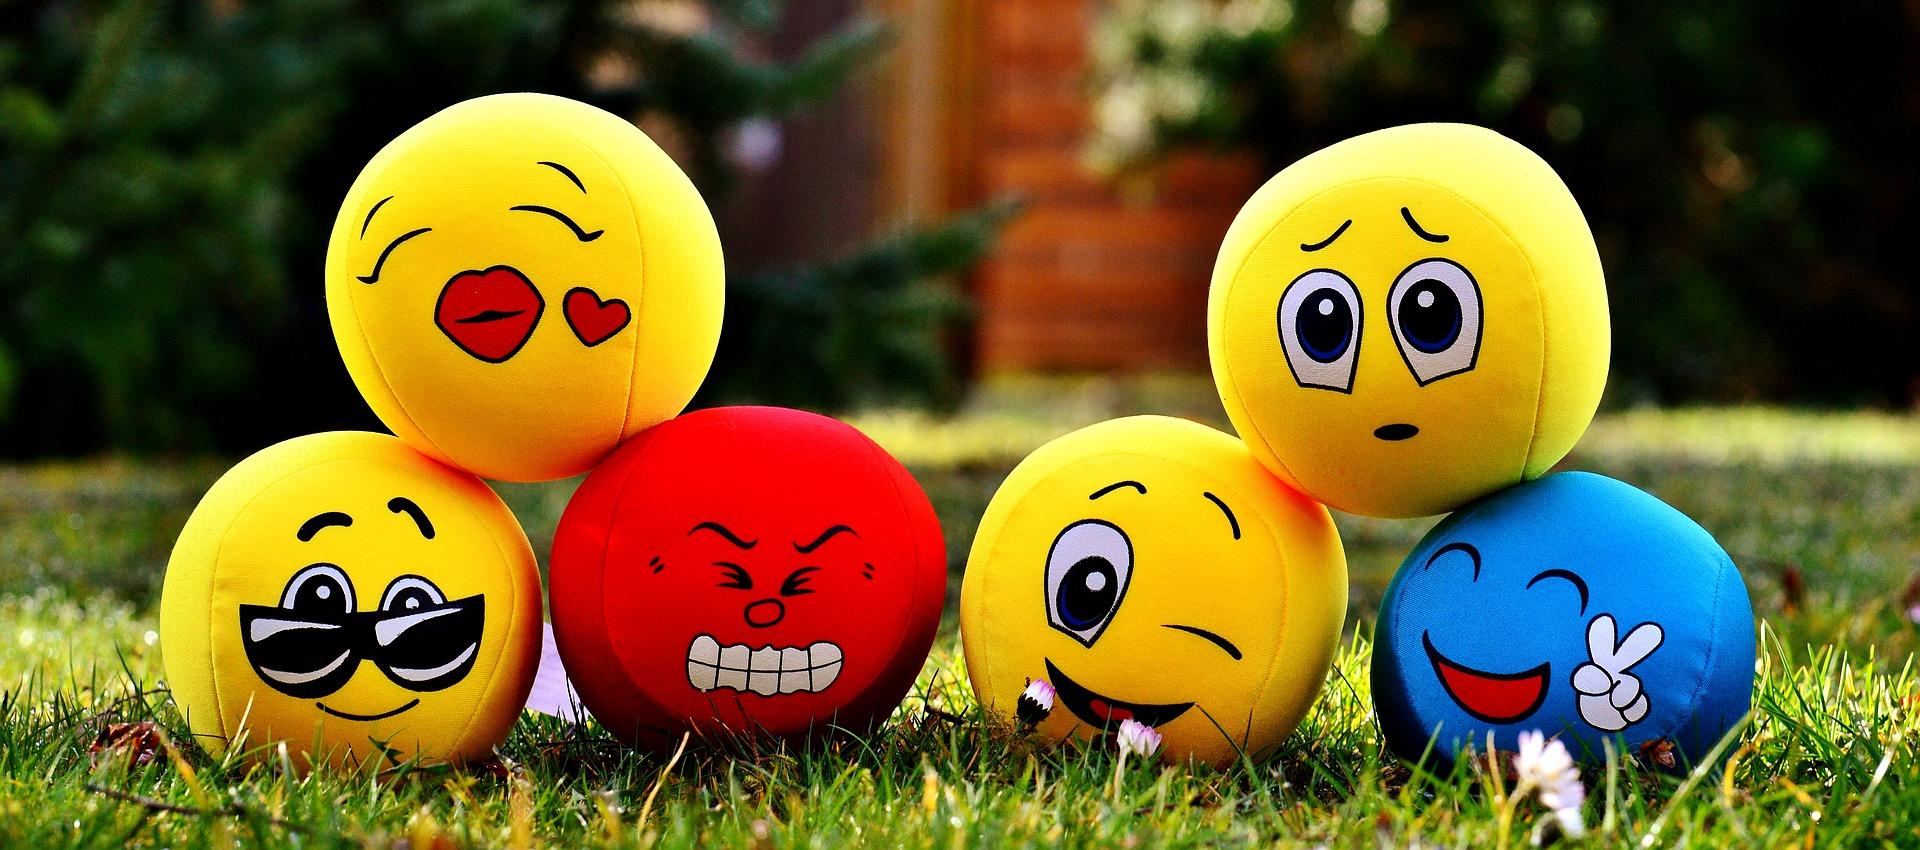 Lees hier van alles over de emoji